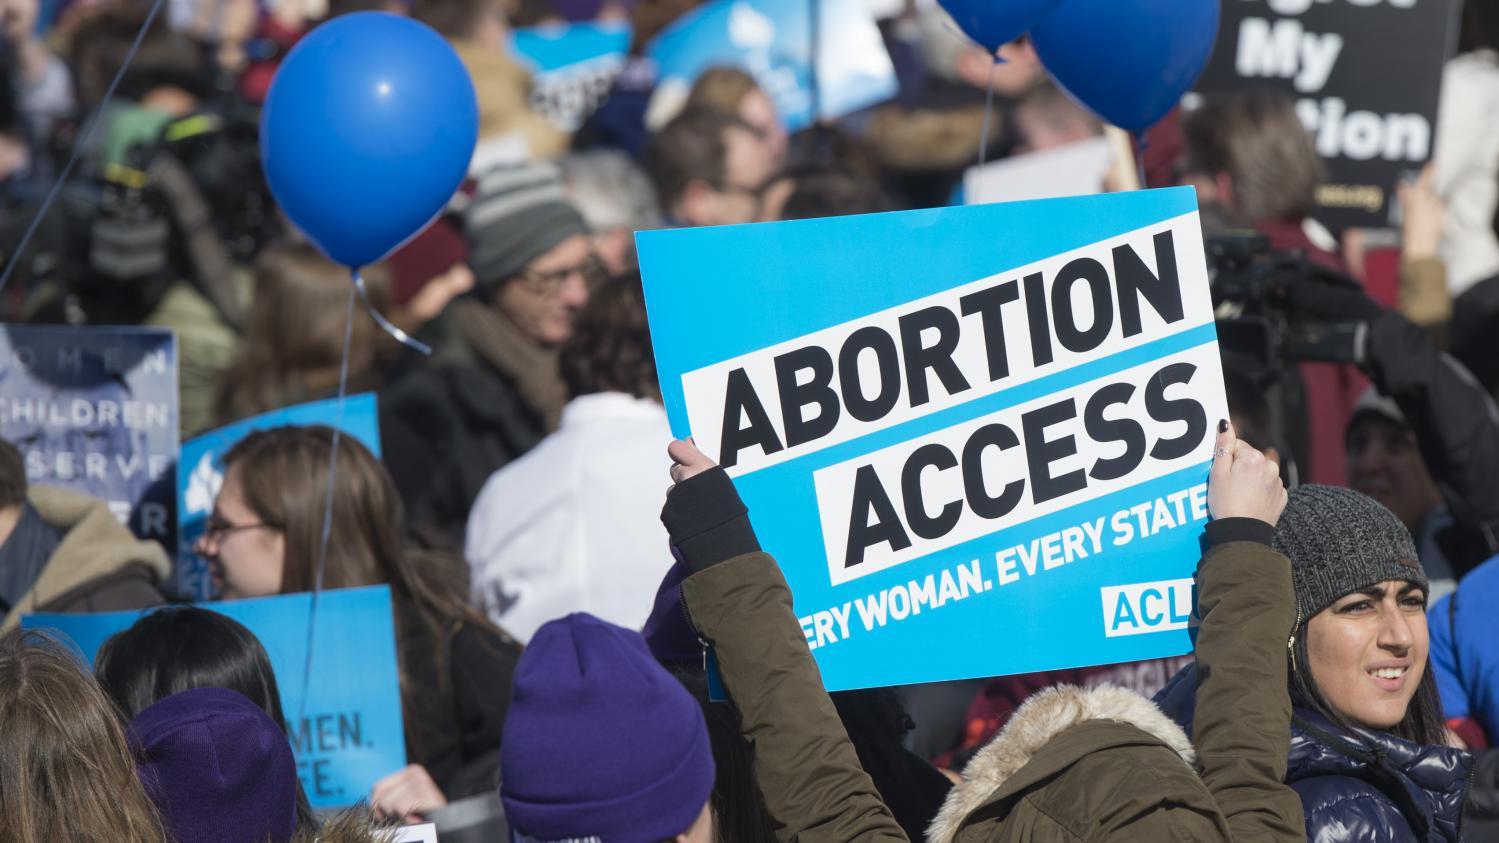 etats unis la cour supr me r affirme avec force le droit l 39 avortement. Black Bedroom Furniture Sets. Home Design Ideas